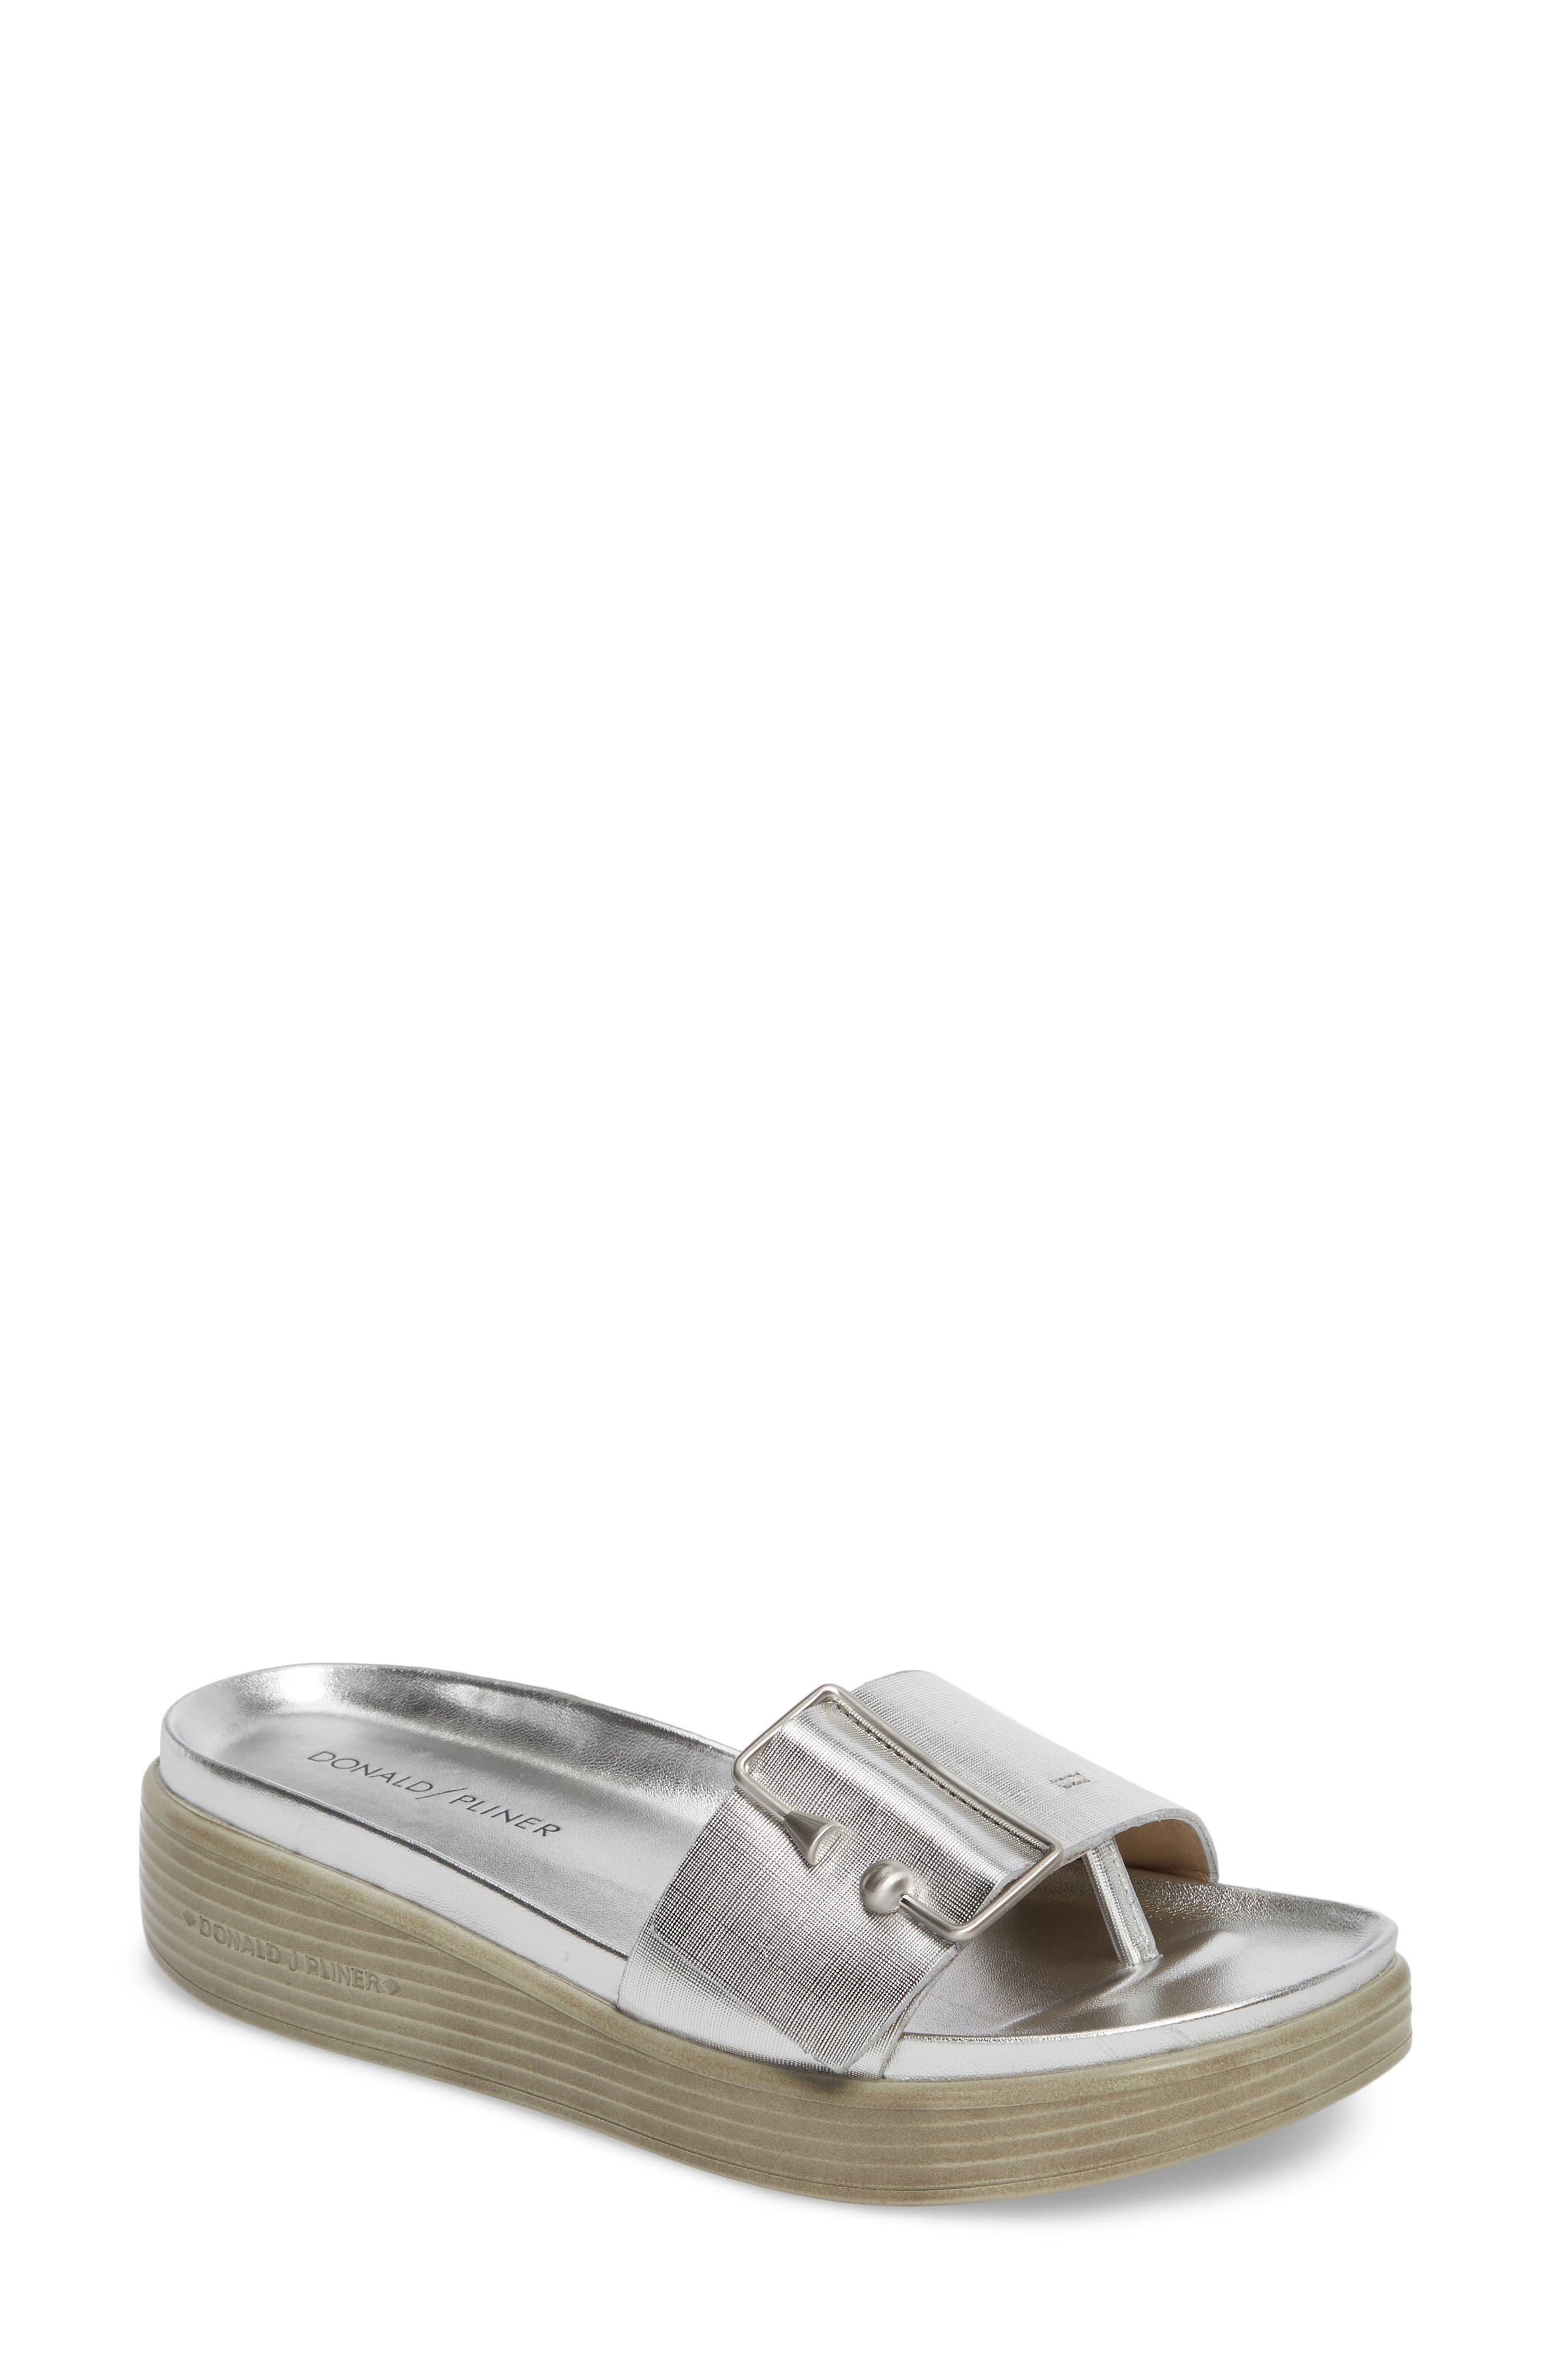 Fara Platform Slide Sandal,                         Main,                         color, Silver